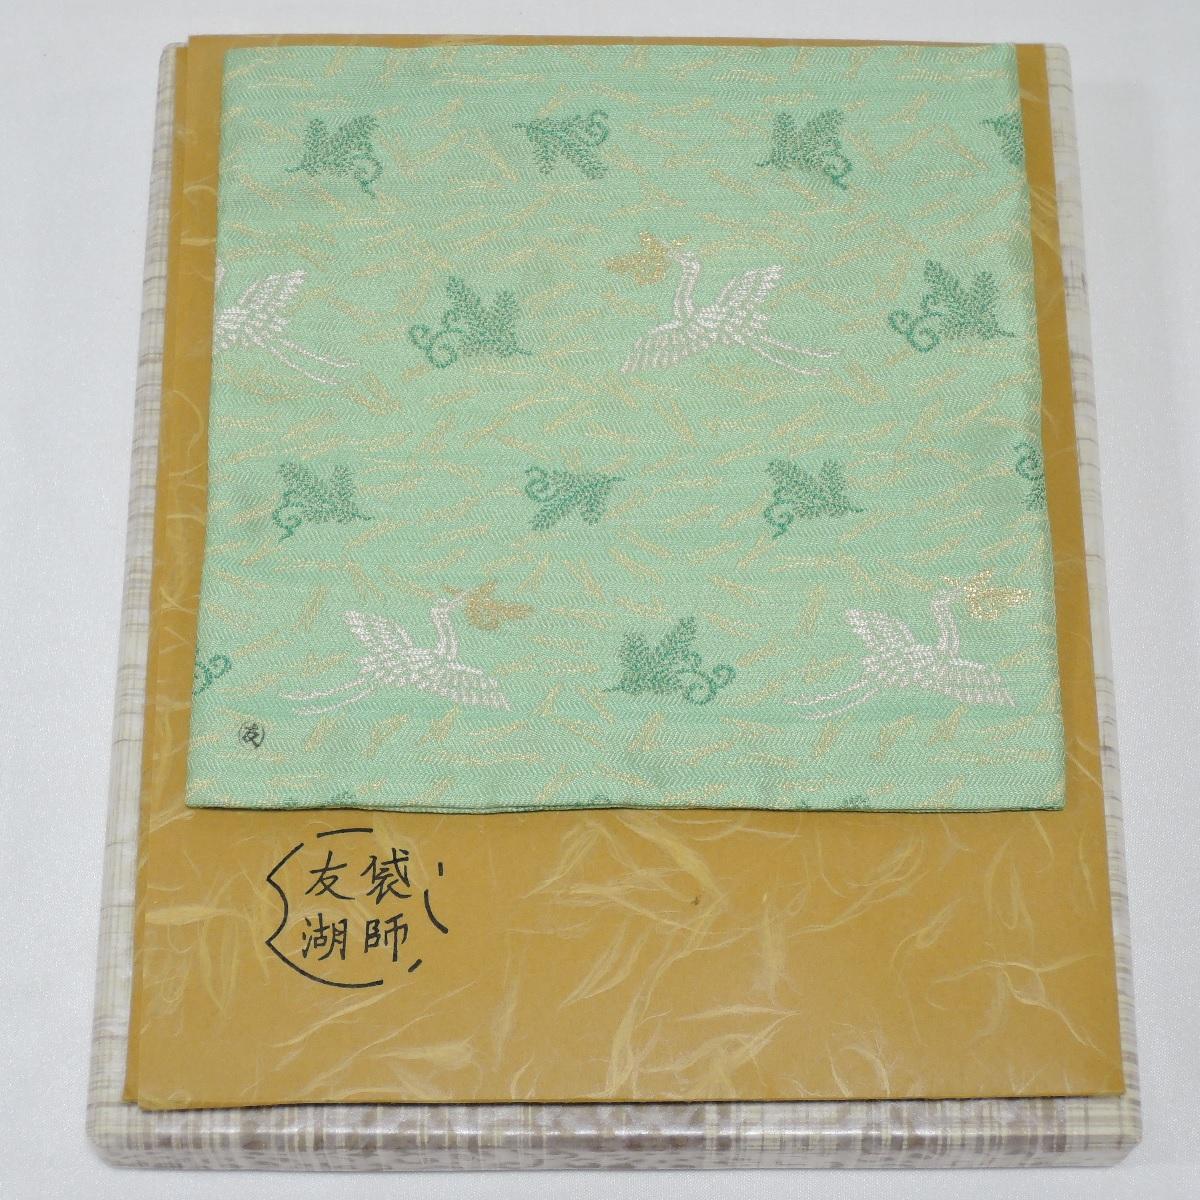 【古帛紗】袋師 土田友湖作 松喰鶴紹巴 古帛紗 正絹 高級茶道具